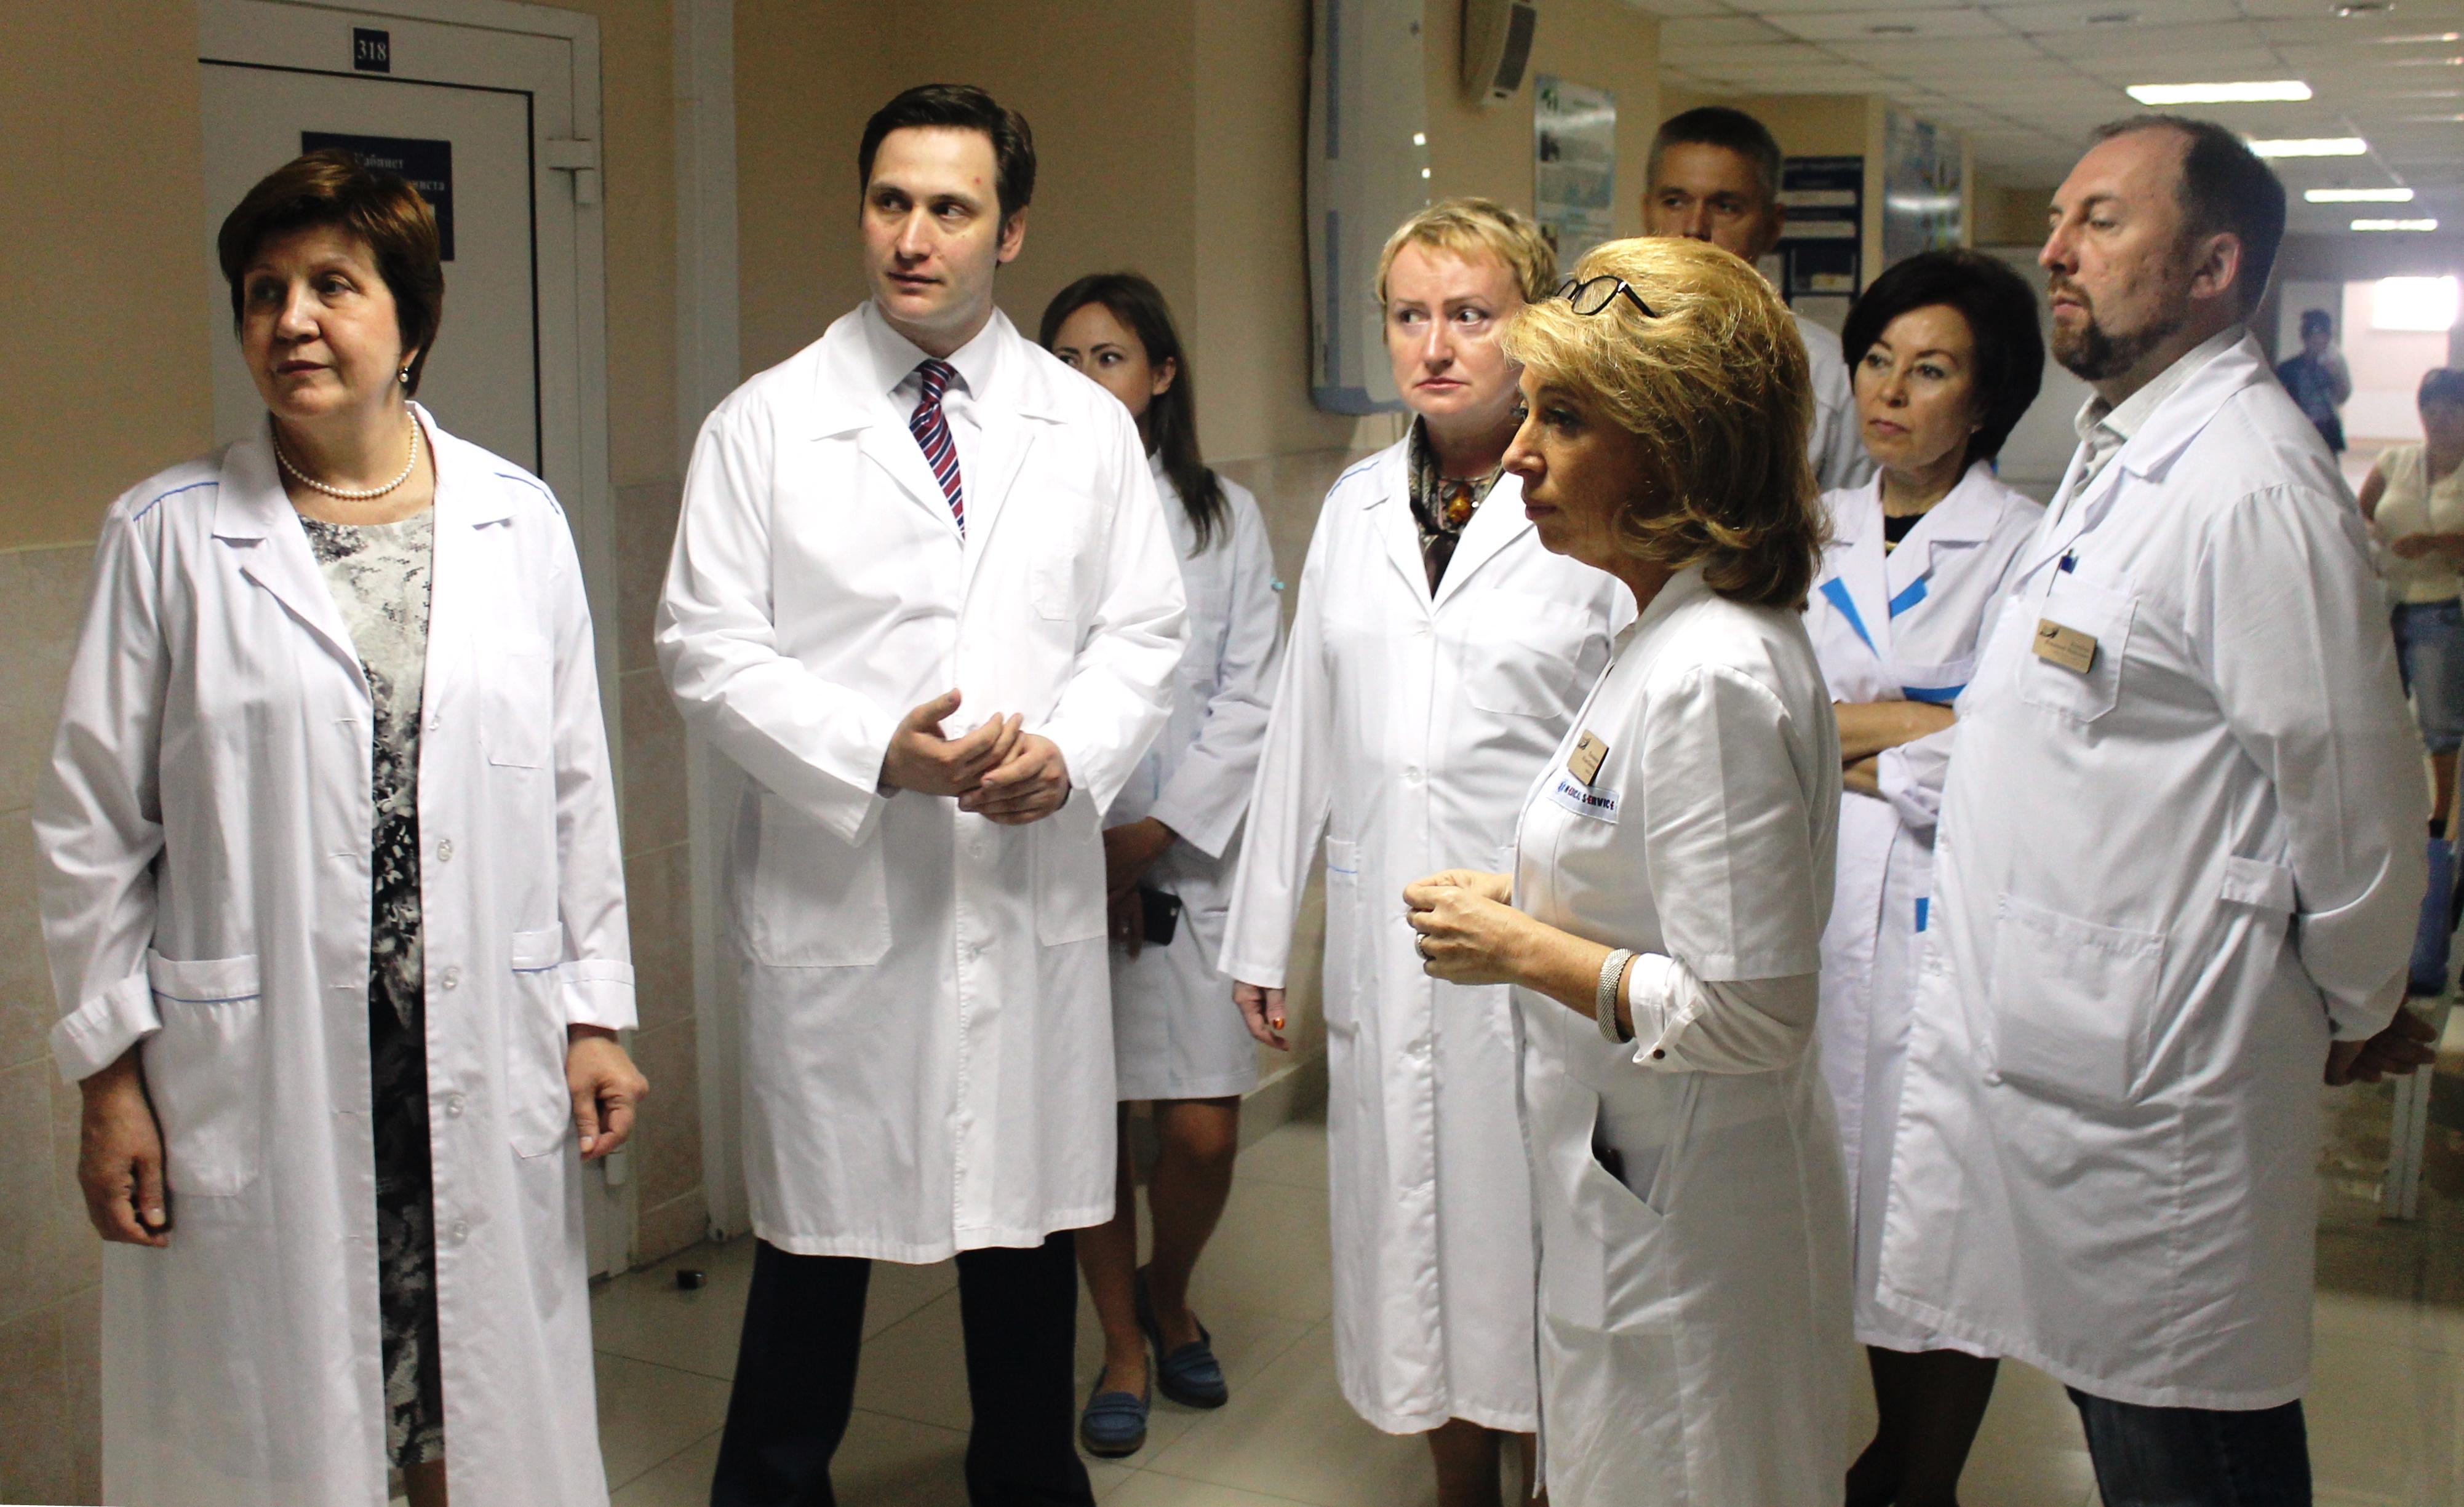 900 экспресс-тестов на ВИЧ будет дополнительно закуплено для проведения Всероссийской акции в Иркутске